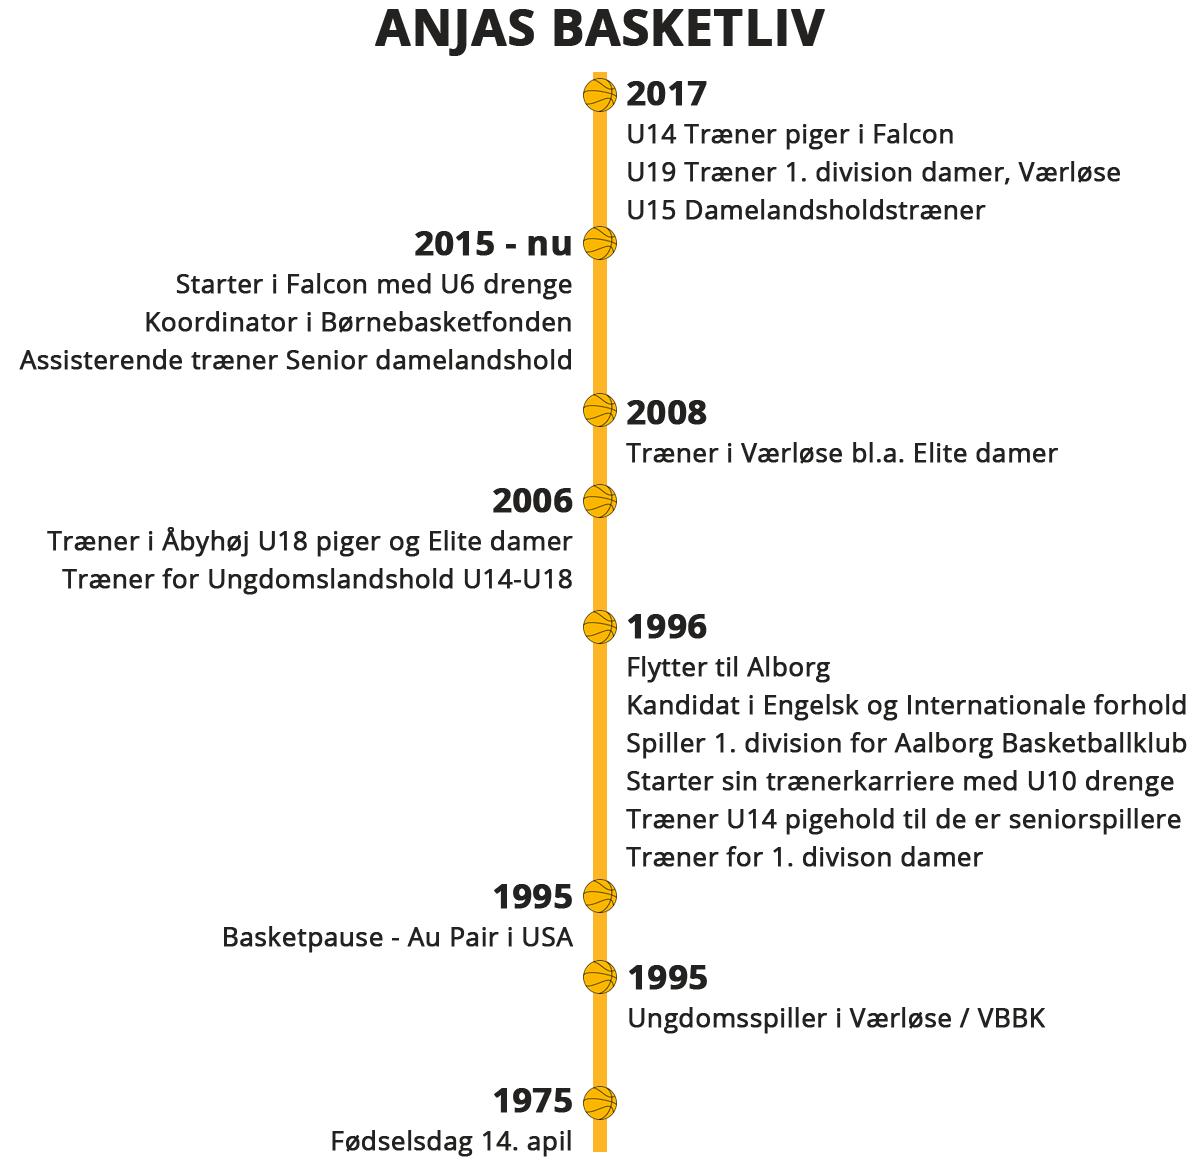 Anja Andersens Basketliv